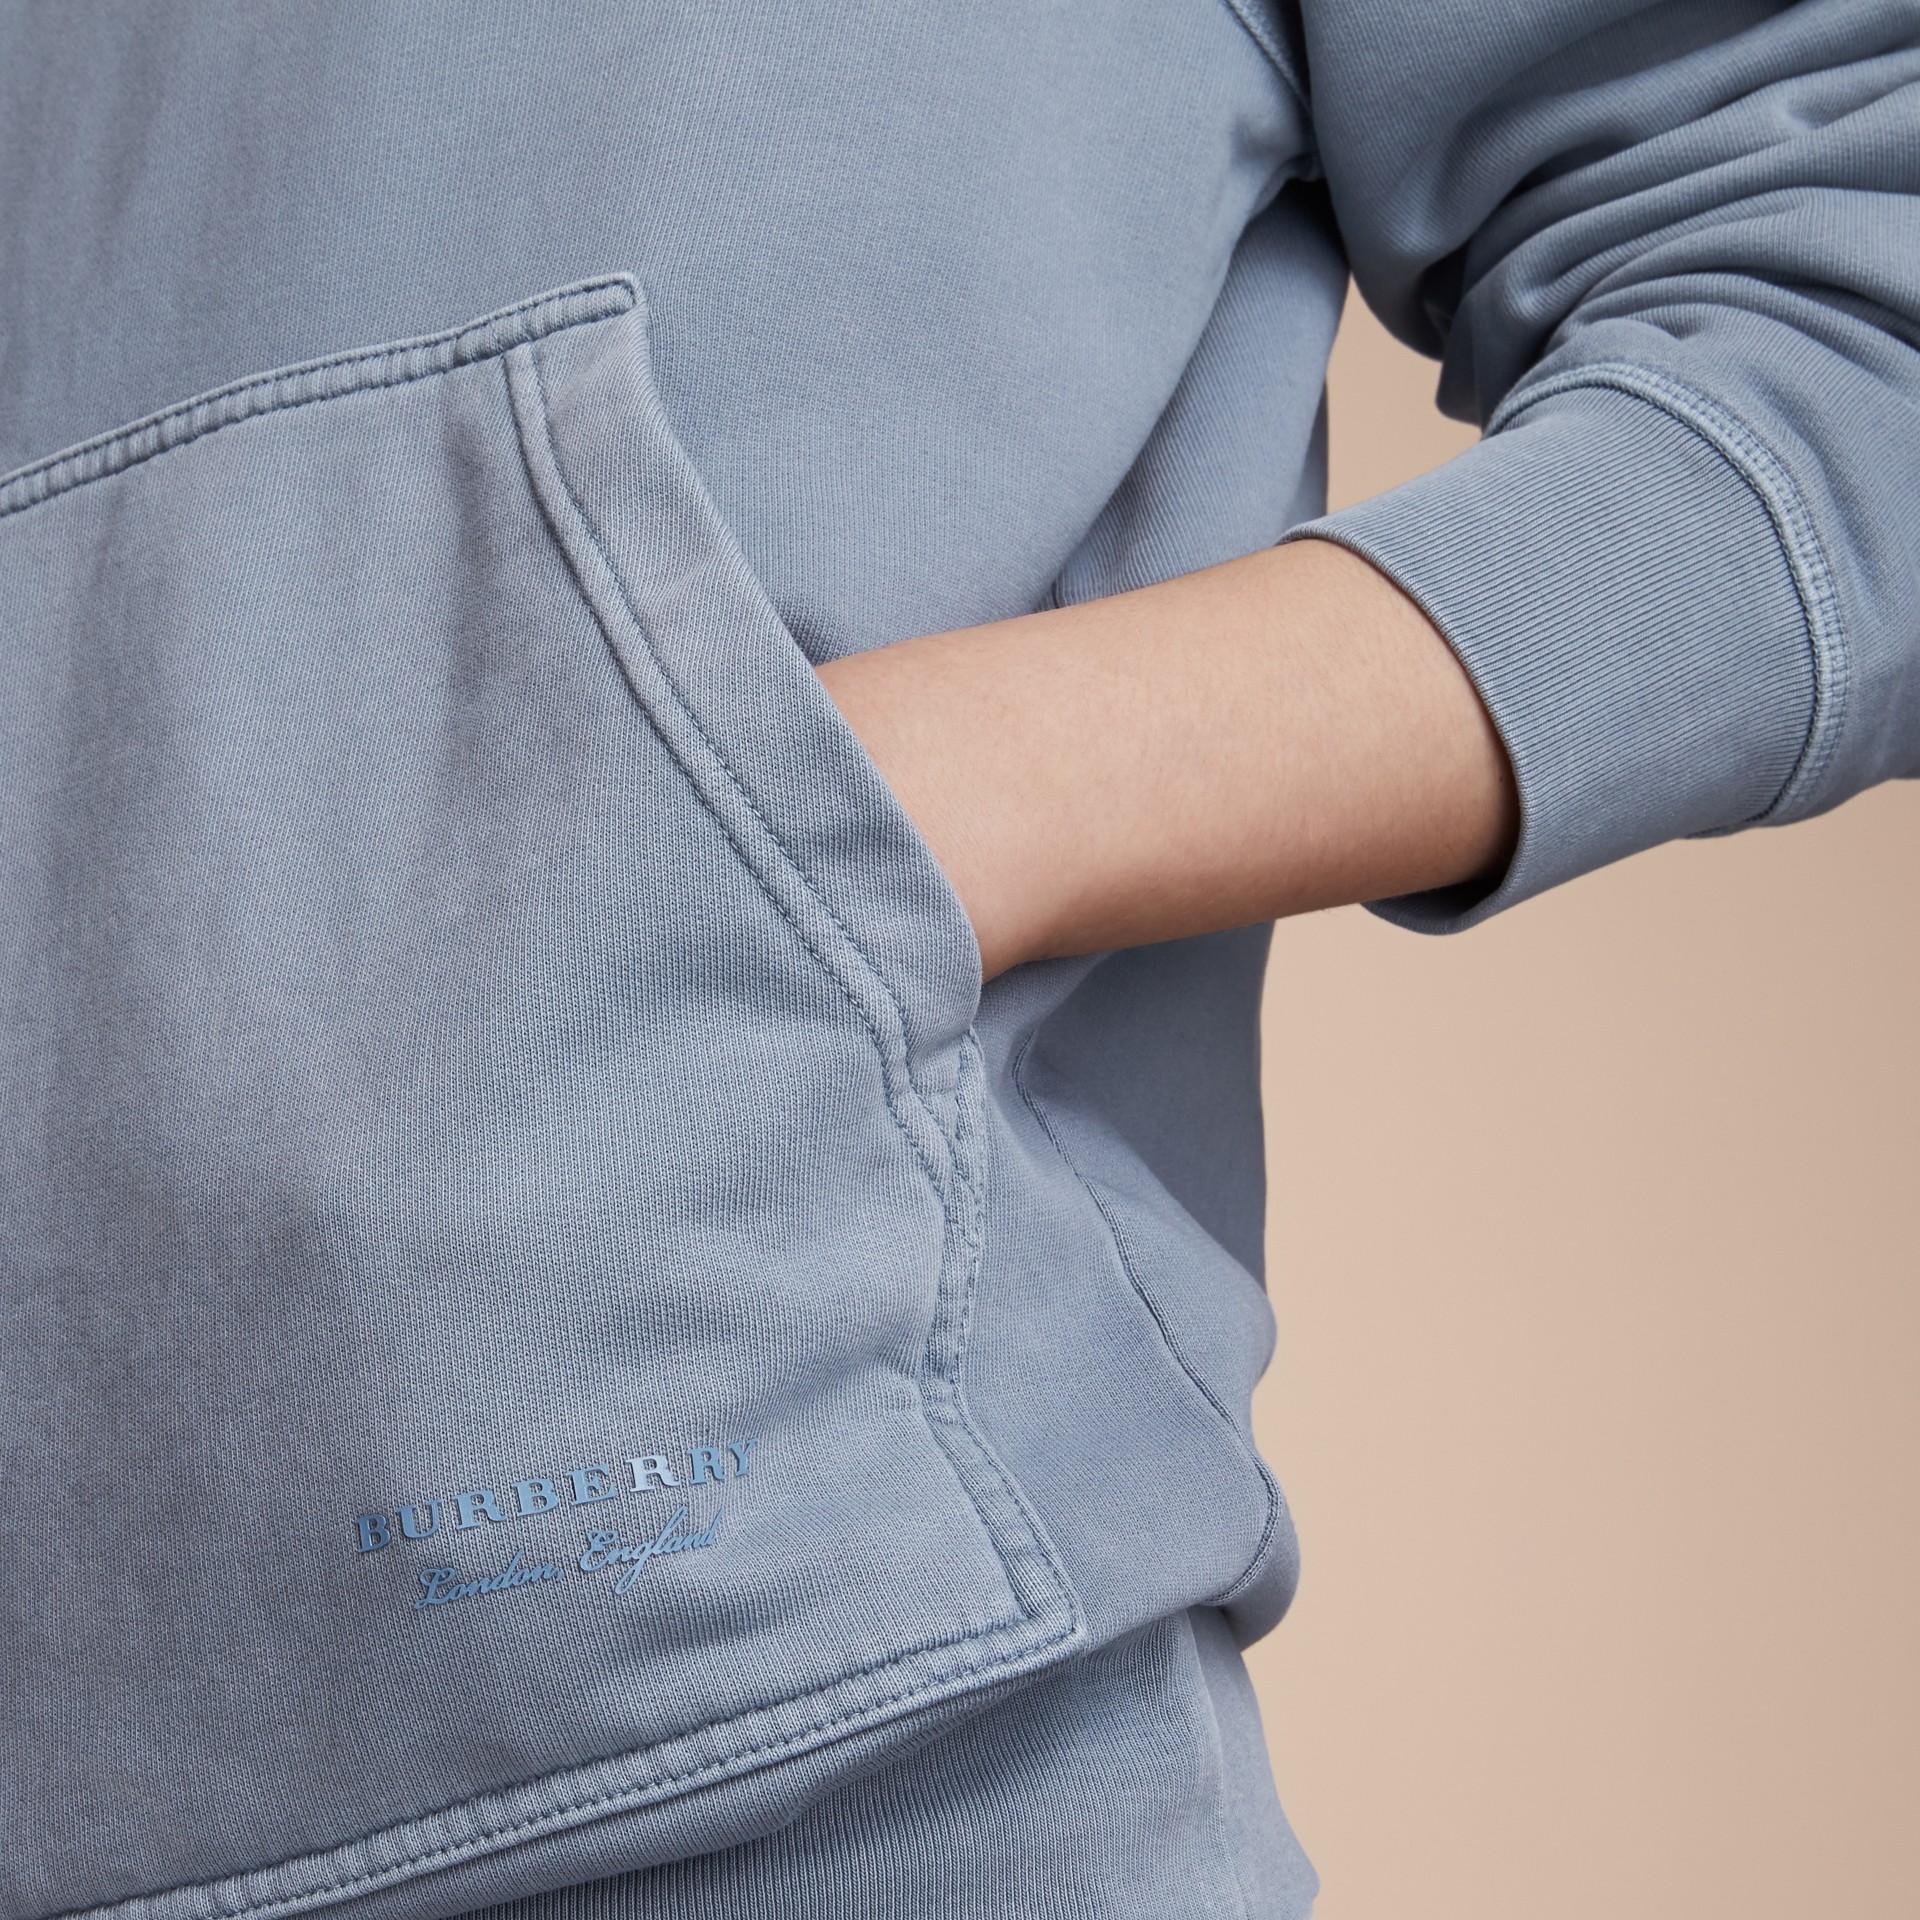 Sweat-shirt oversize unisexe en coton teint avec des colorants pigmentaires (Bleu Cendré) - Femme | Burberry - photo de la galerie 5